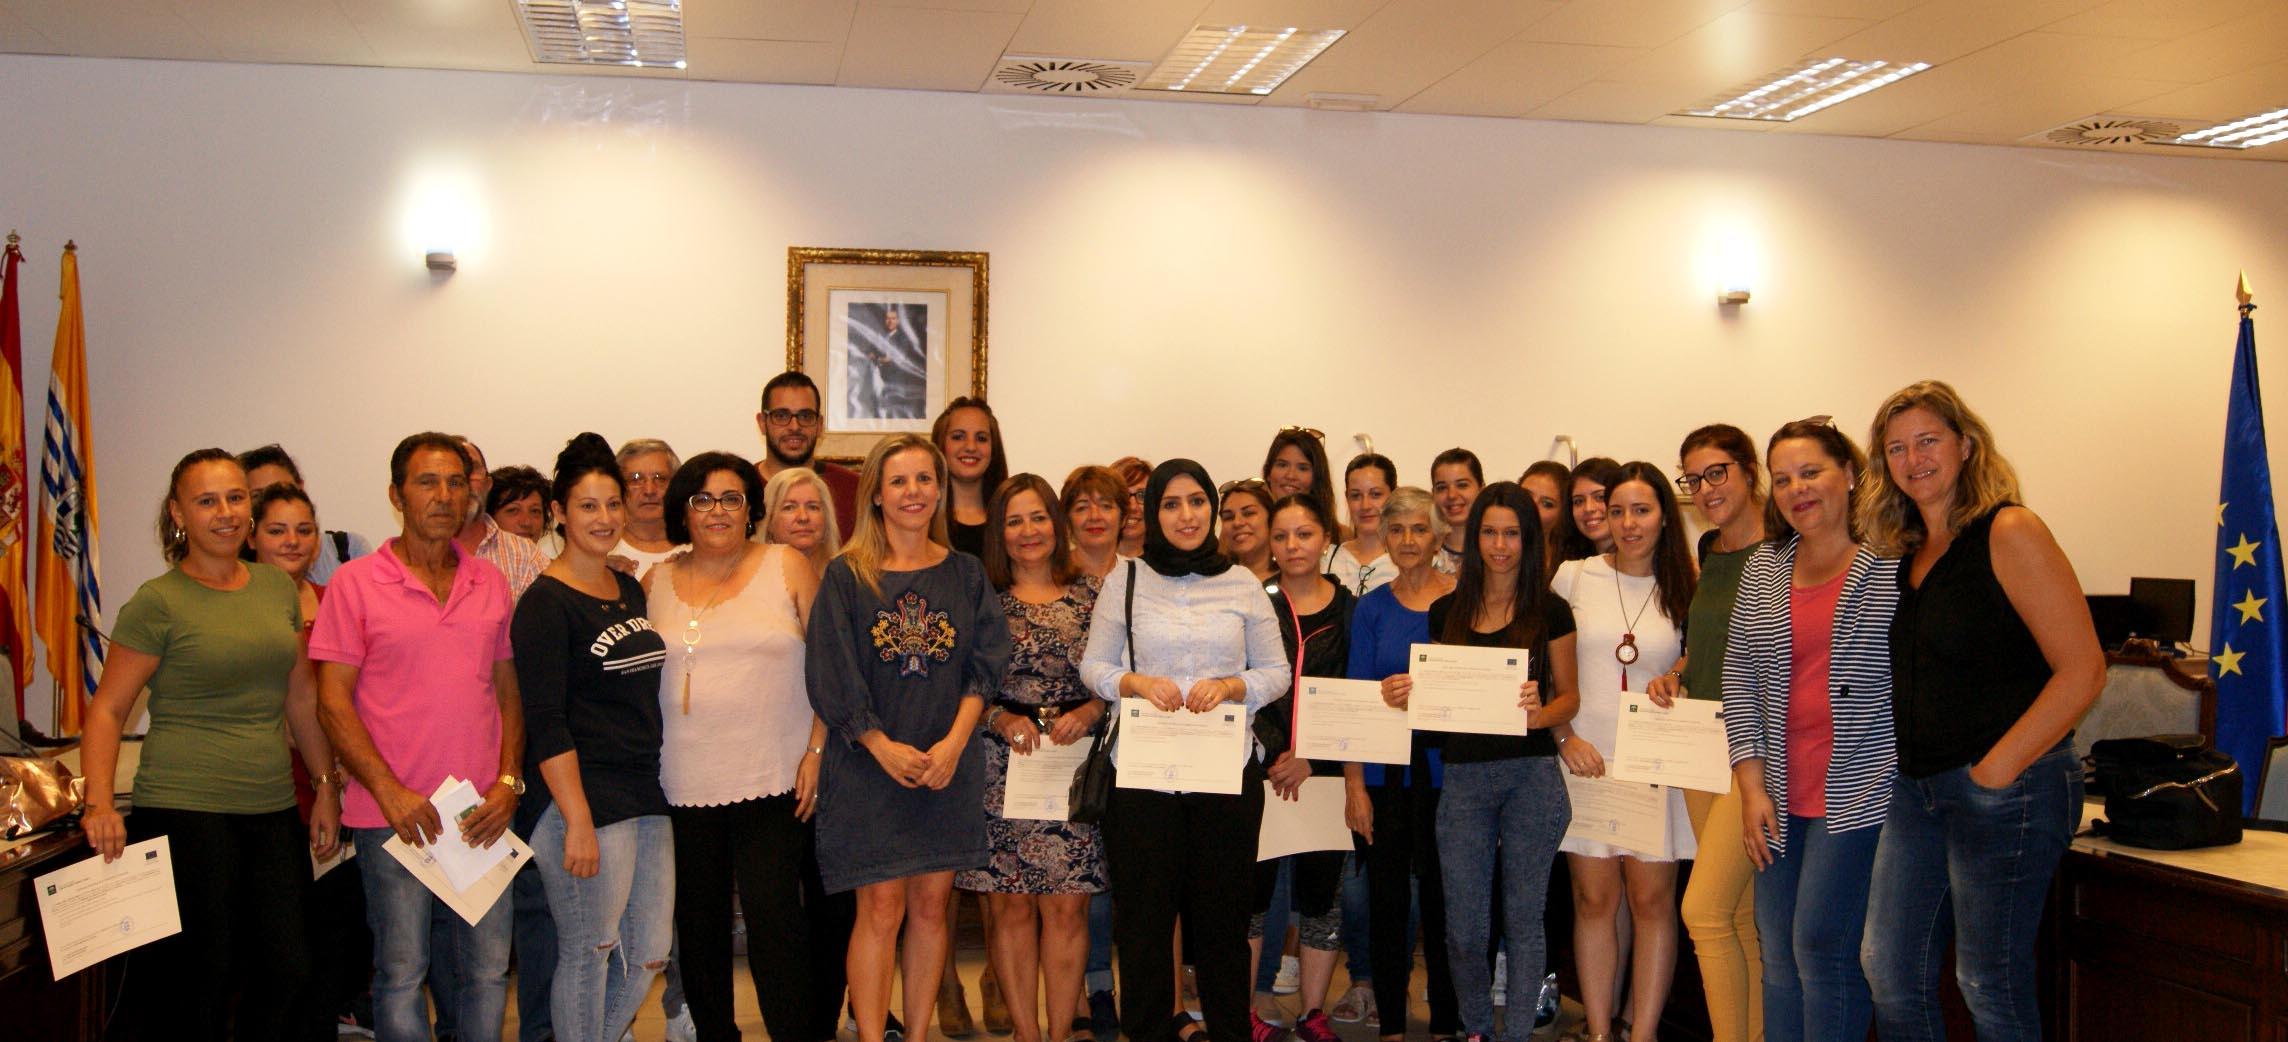 Entregadas en Isla Cristina las certificaciones de los Programas Emple@ Joven y Emple@ +30 de la Junta